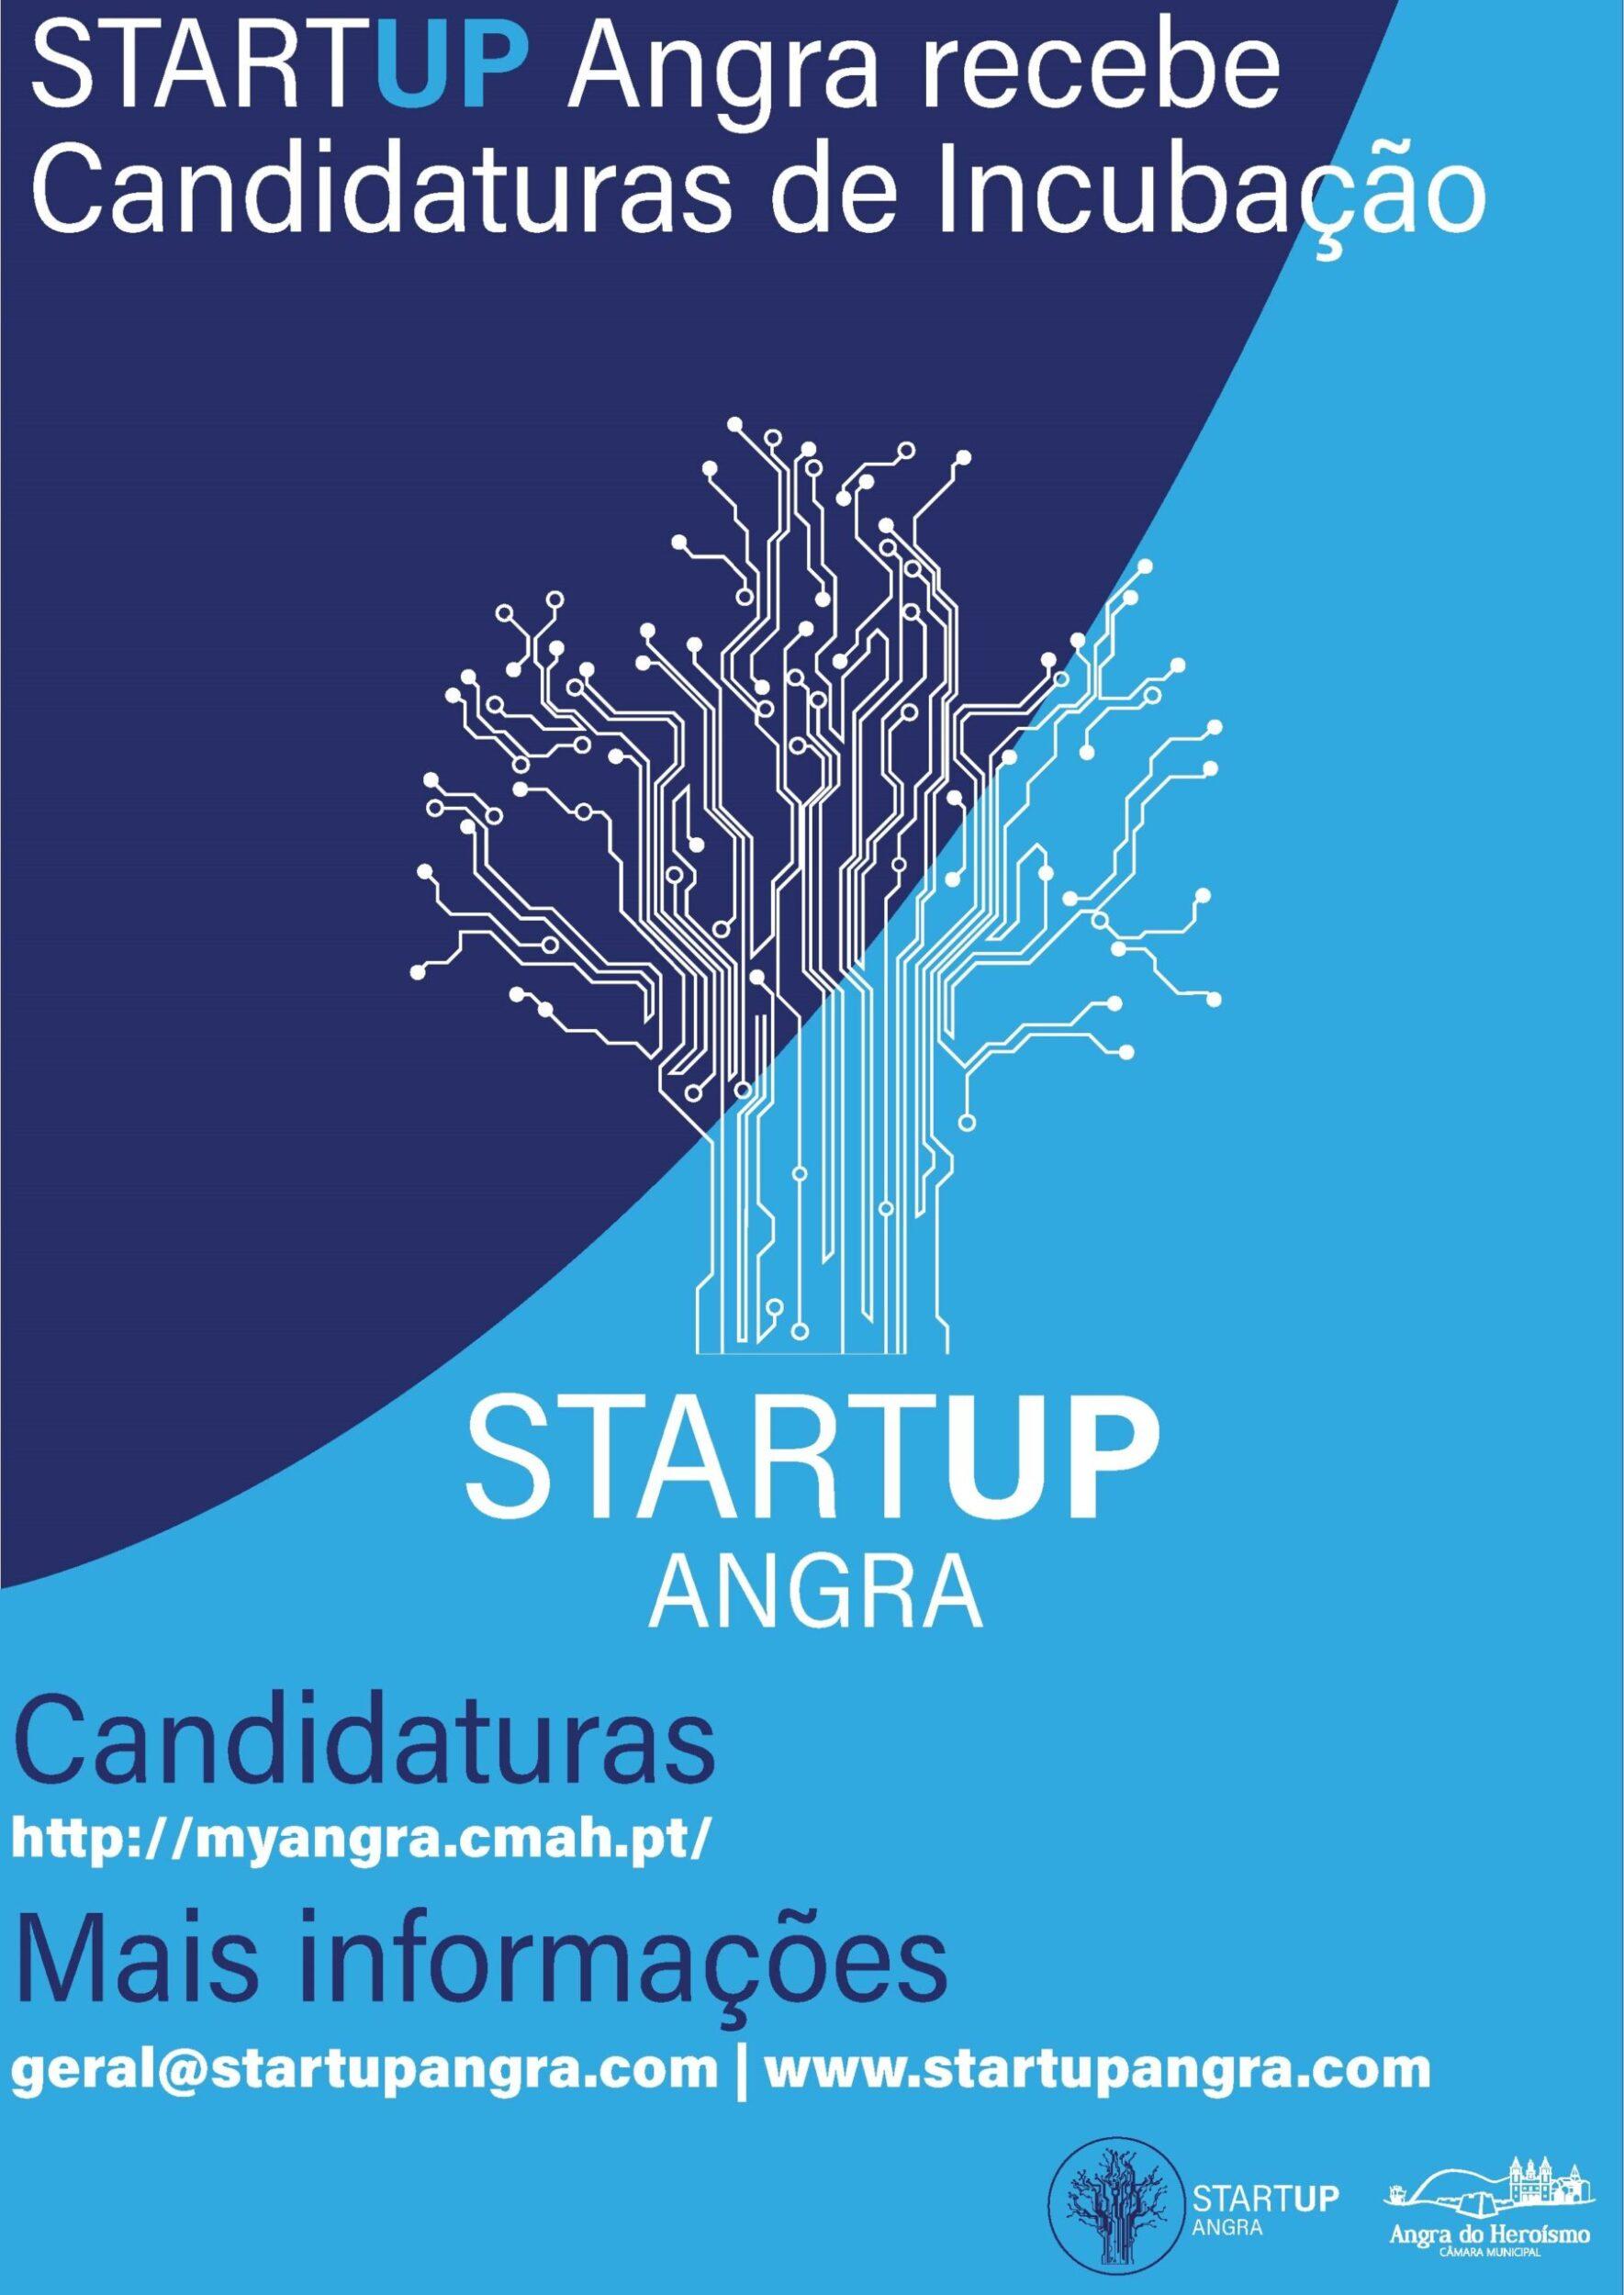 http://www.startupangra.com/wp-content/uploads/2020/09/Imagem-Contratos-scaled-e1600431611129.jpg